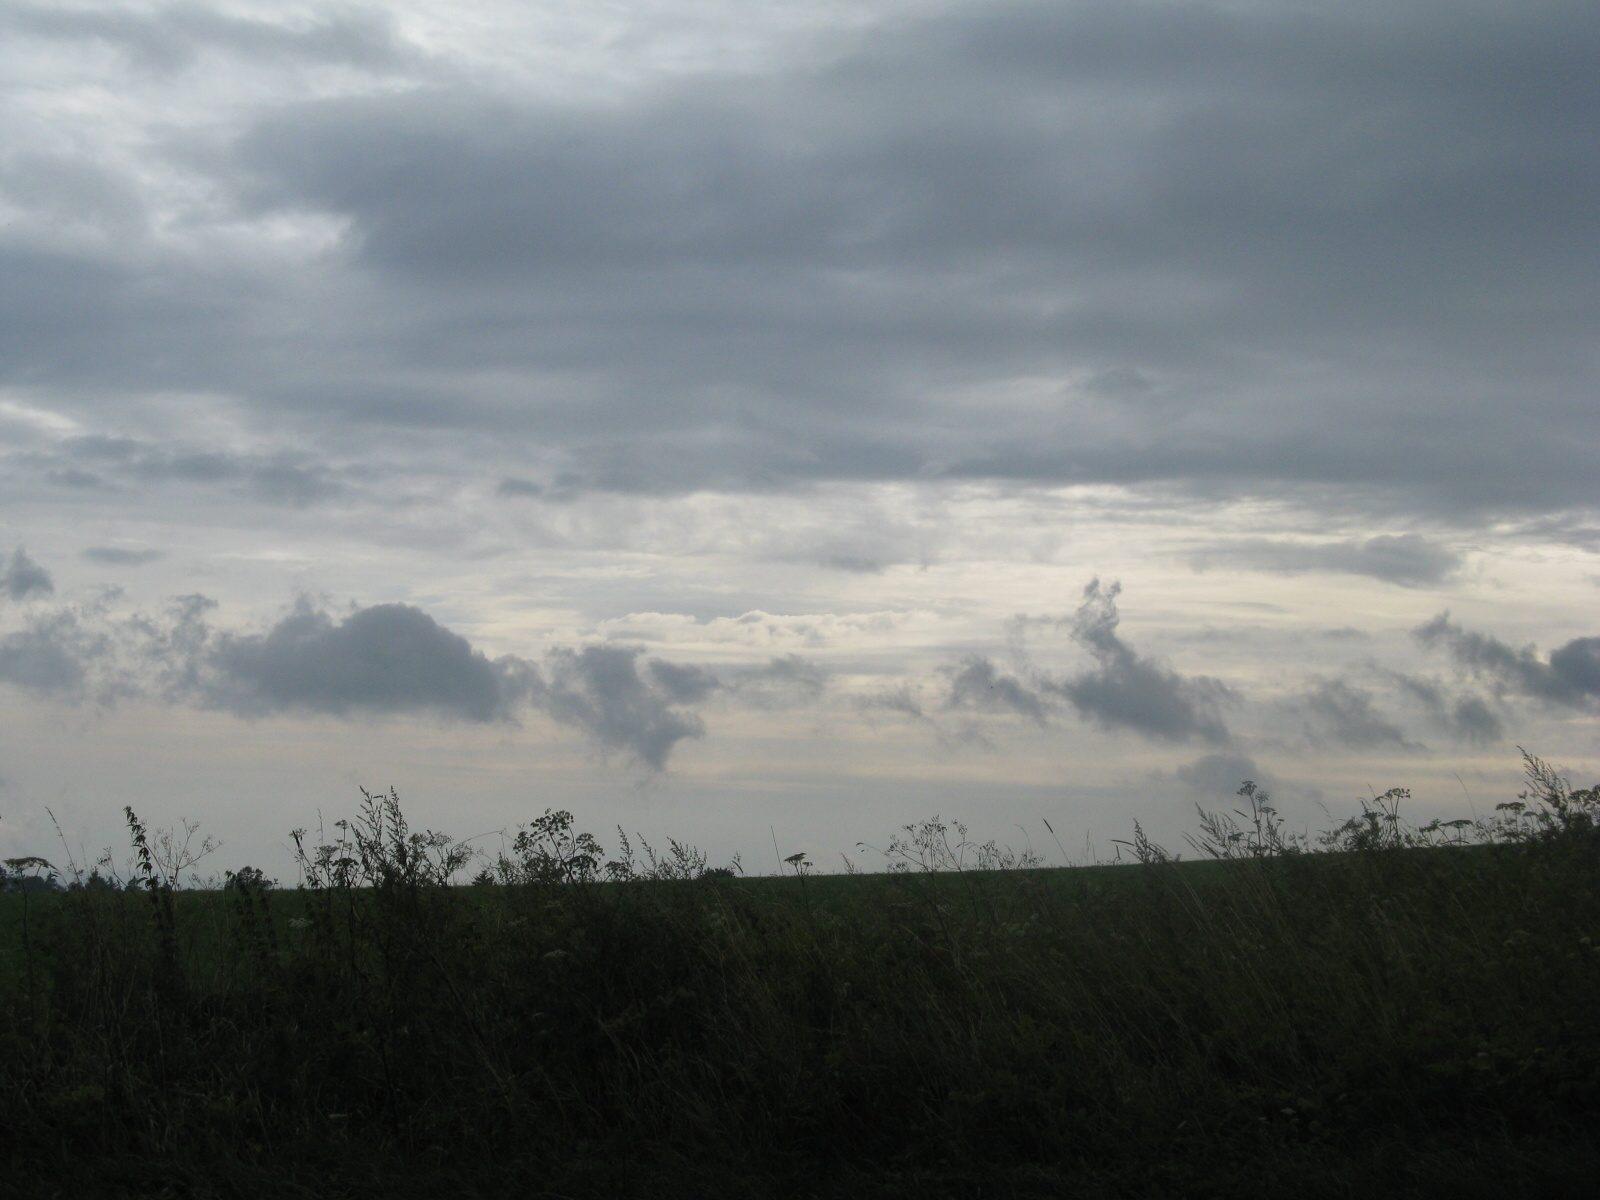 Fotka 3: Zamračená obloha a déšť nad Rokytnicí v Orlických horách